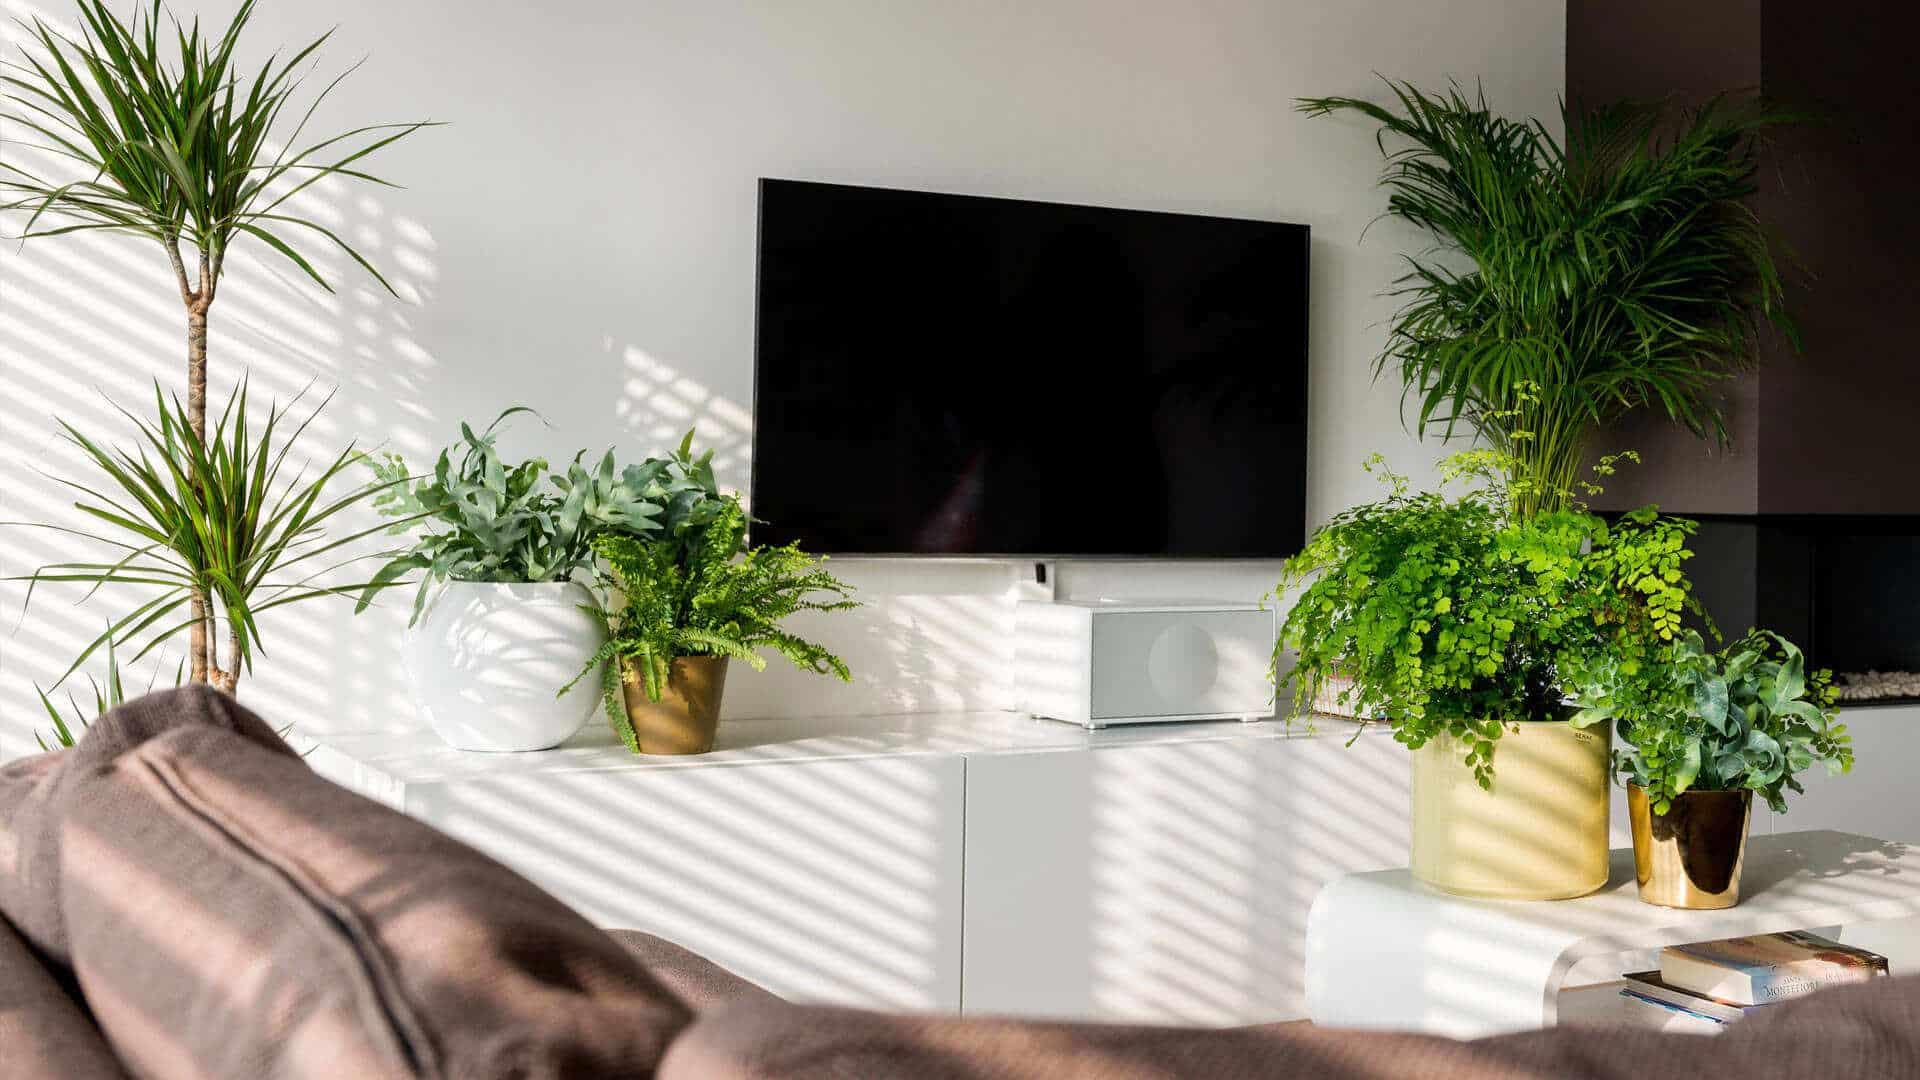 les-plantes-et-votre-appartement-un-duo-gagnant